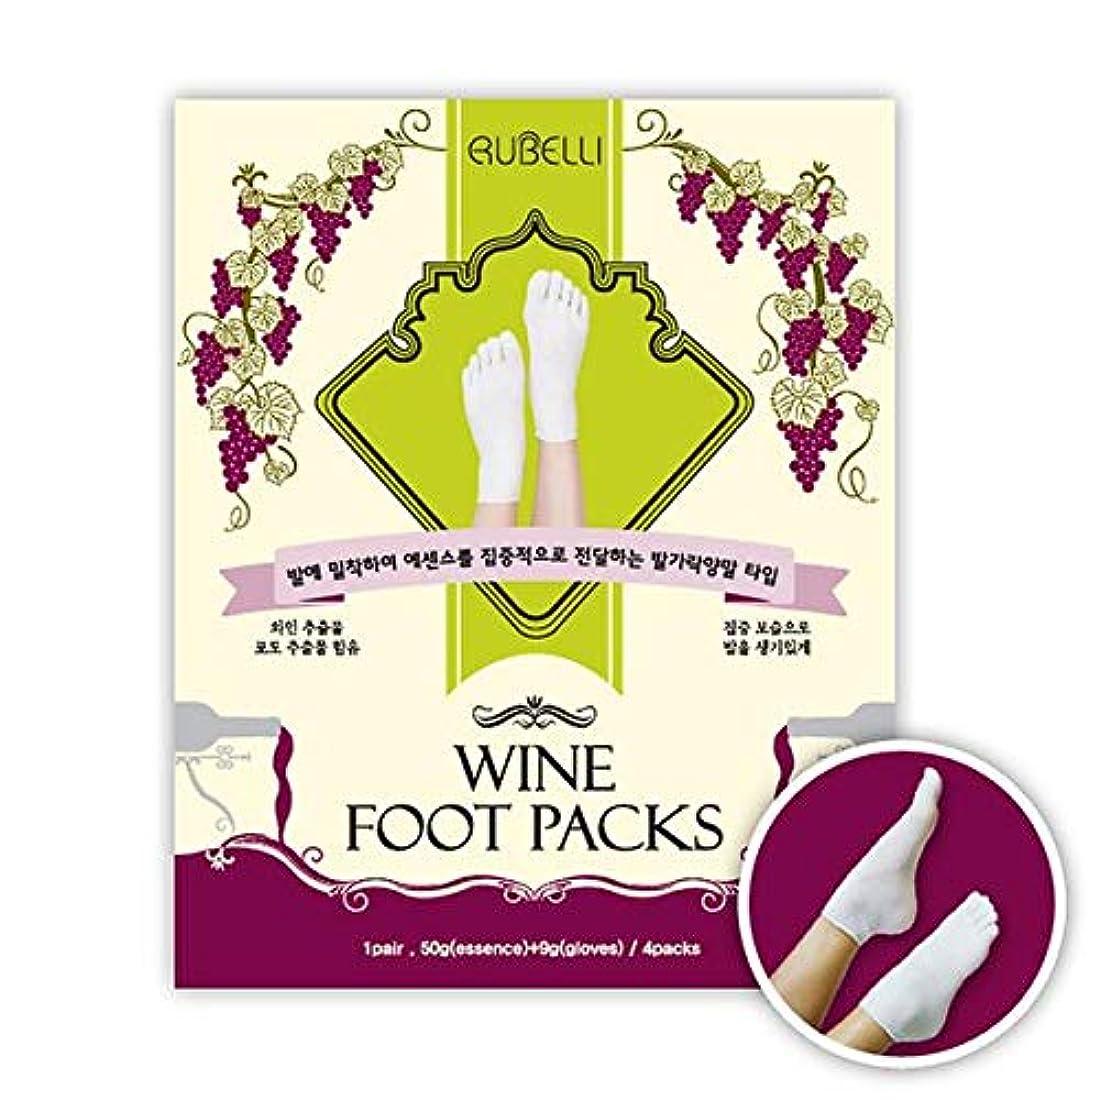 思春期保育園明確なルベリ[RUBELLI] ワインフットパック59gx4ea自宅でセルフフットケア、保湿 (Wine Foot Packs)